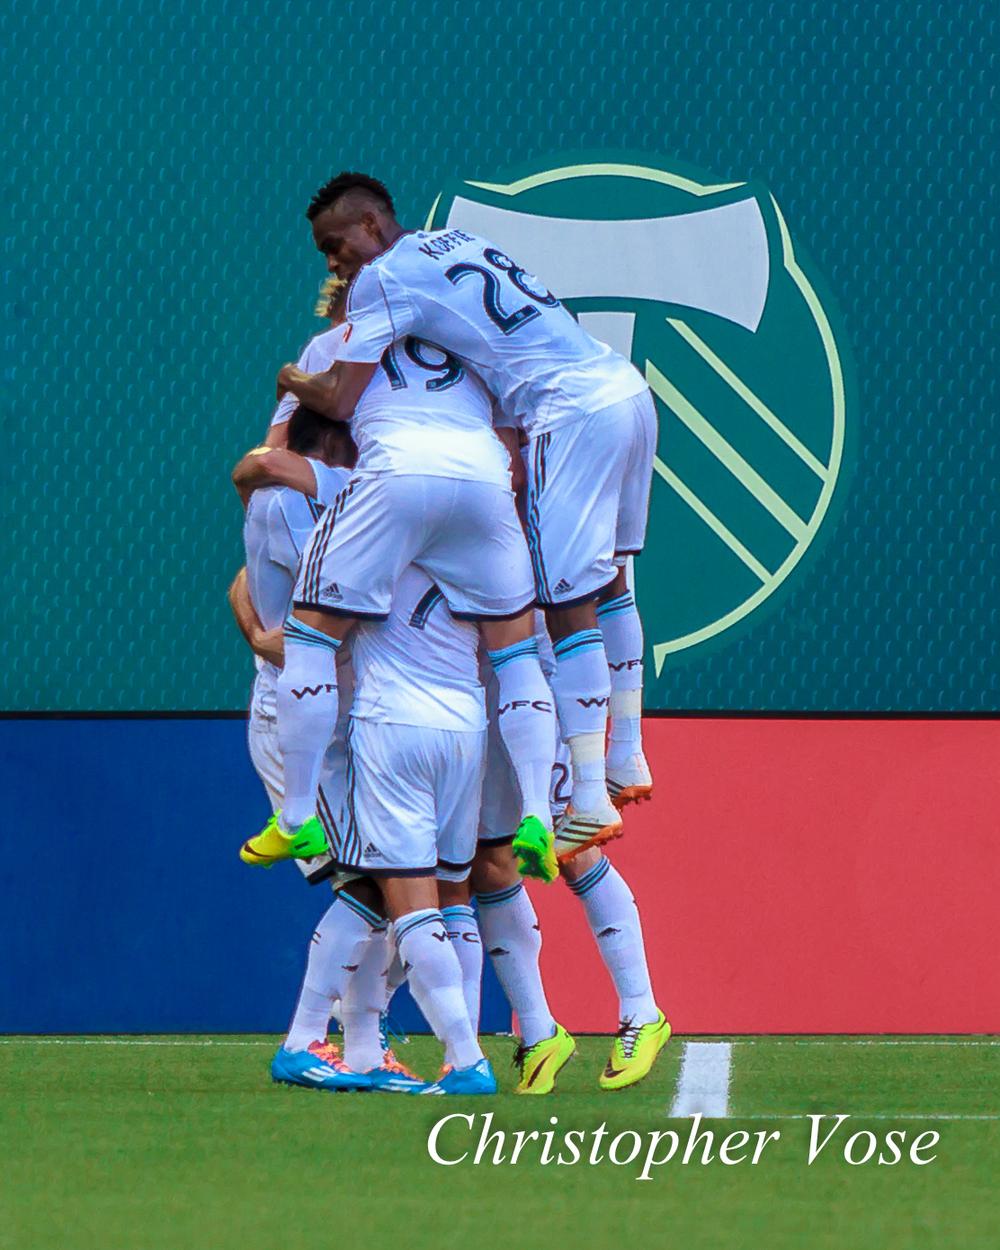 2014-06-01 Pedro Morlaes Second Goal Celebration.jpg